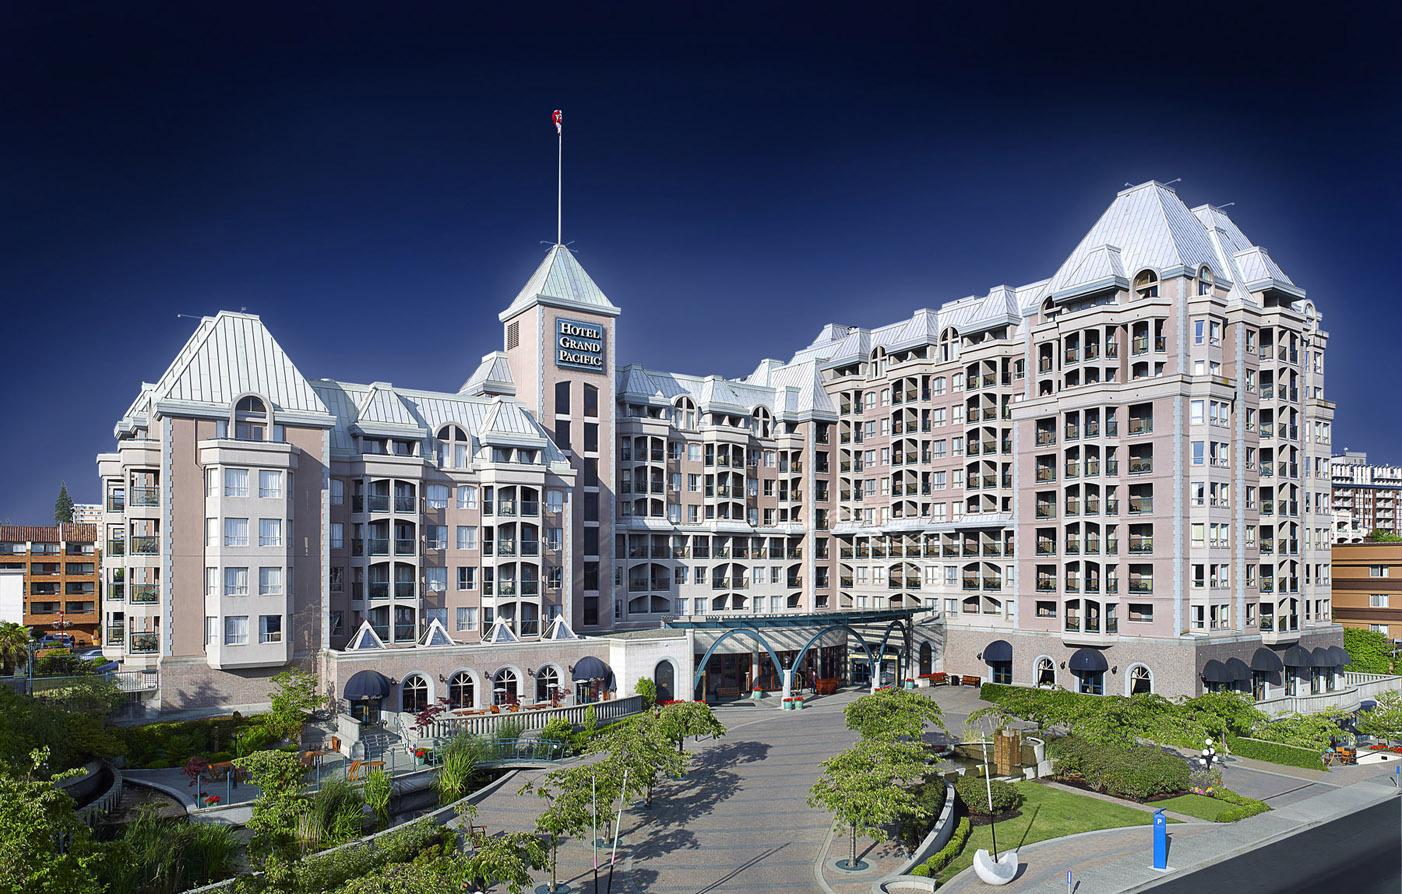 Hotel Grand Pacific Victoria Bc Reviews